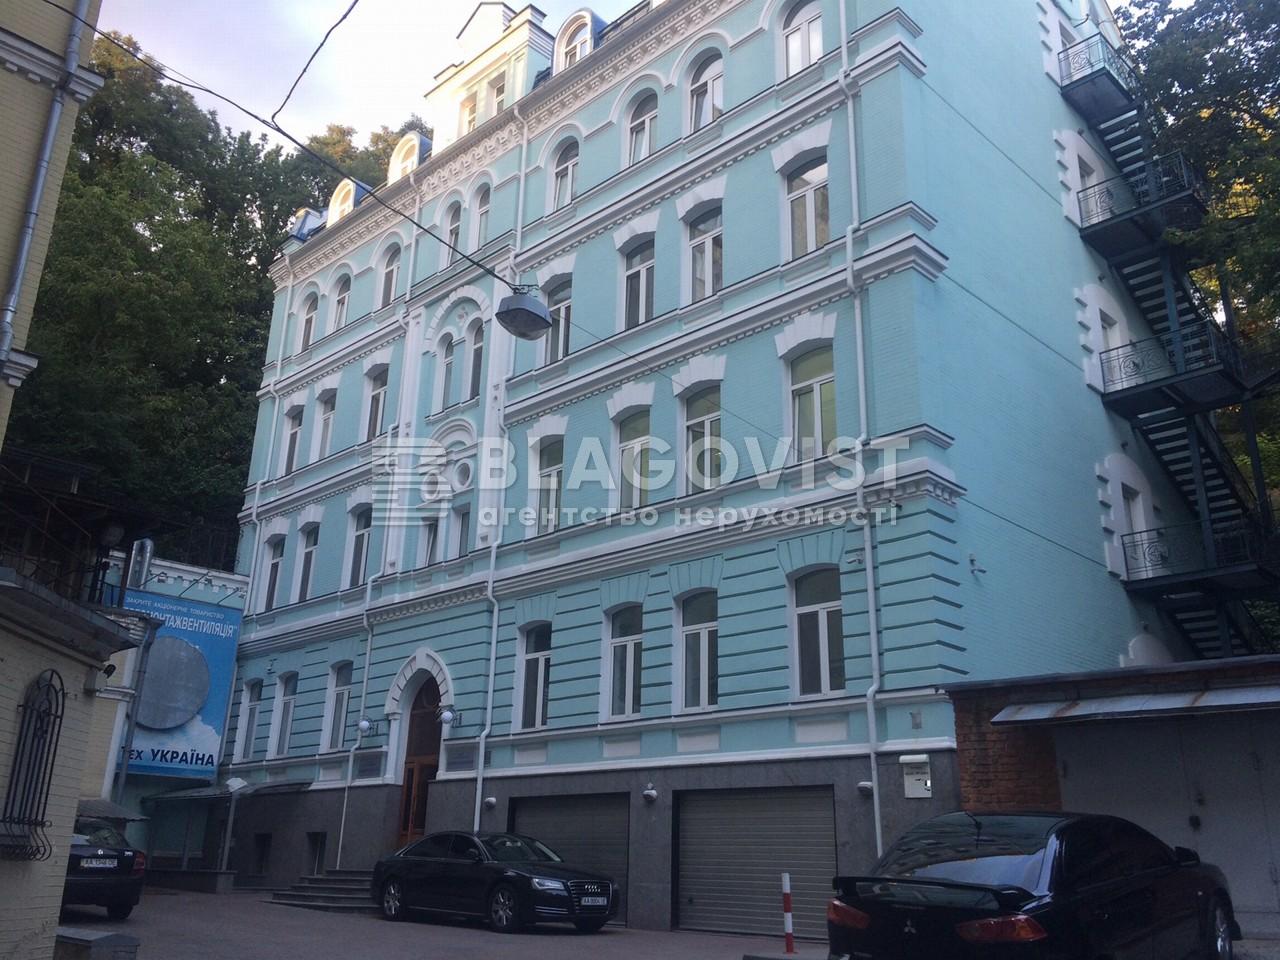 Будинок, D-33626, Франка Івана, Київ - Фото 1